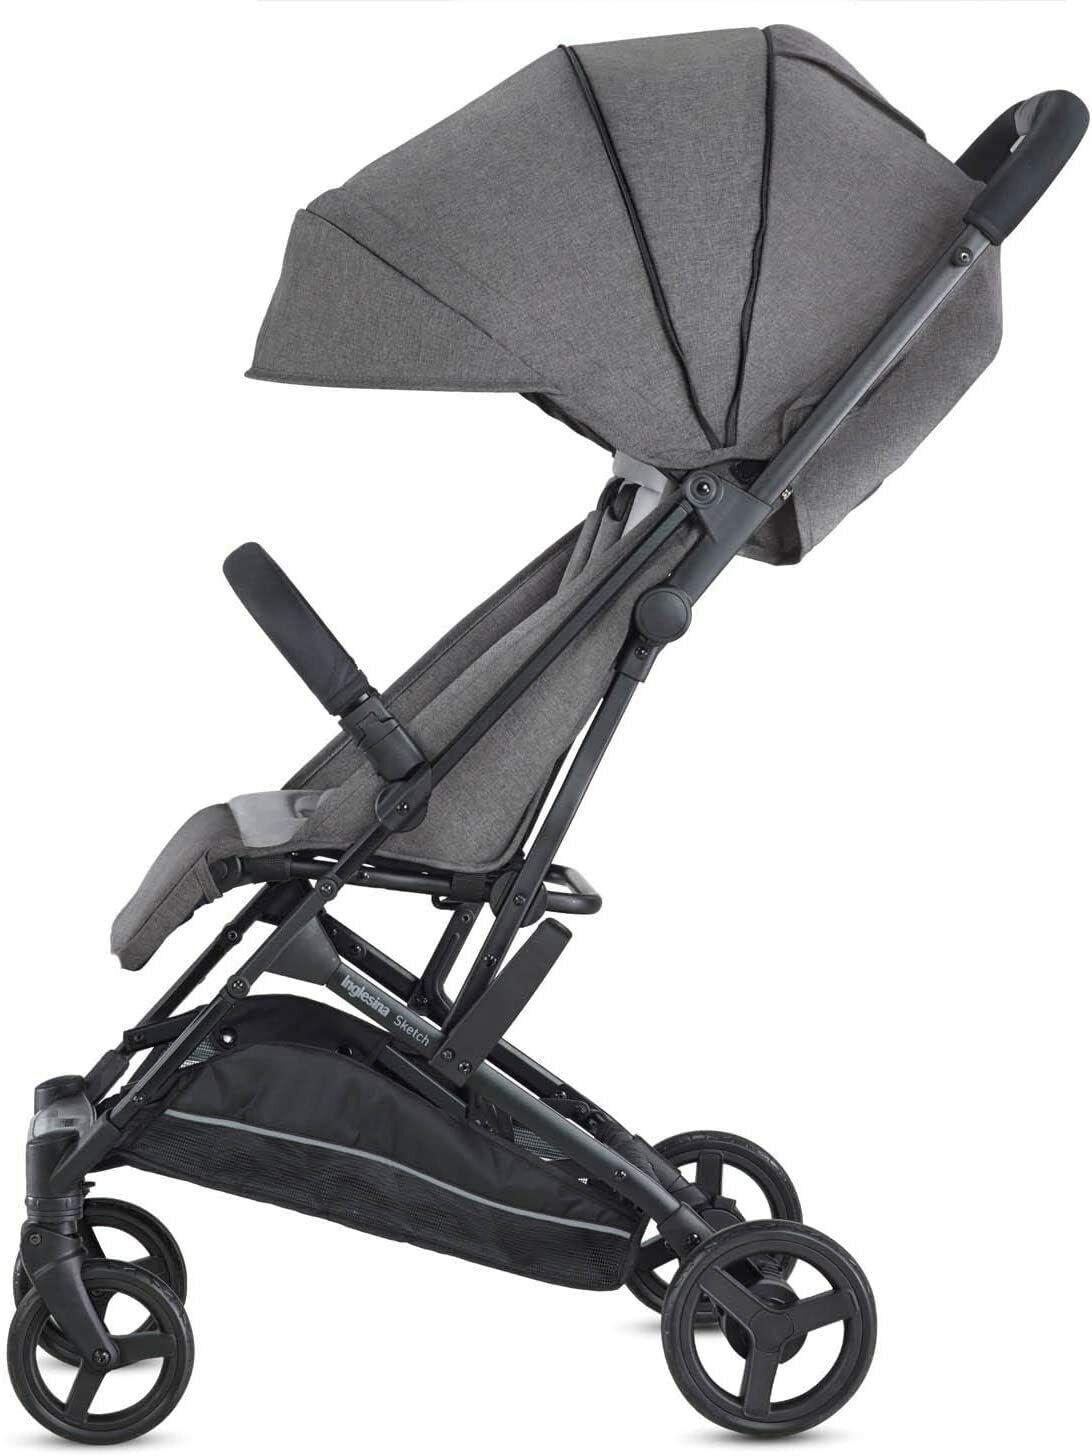 Inglesina Kinderwagen, leicht und kompakt Única grau